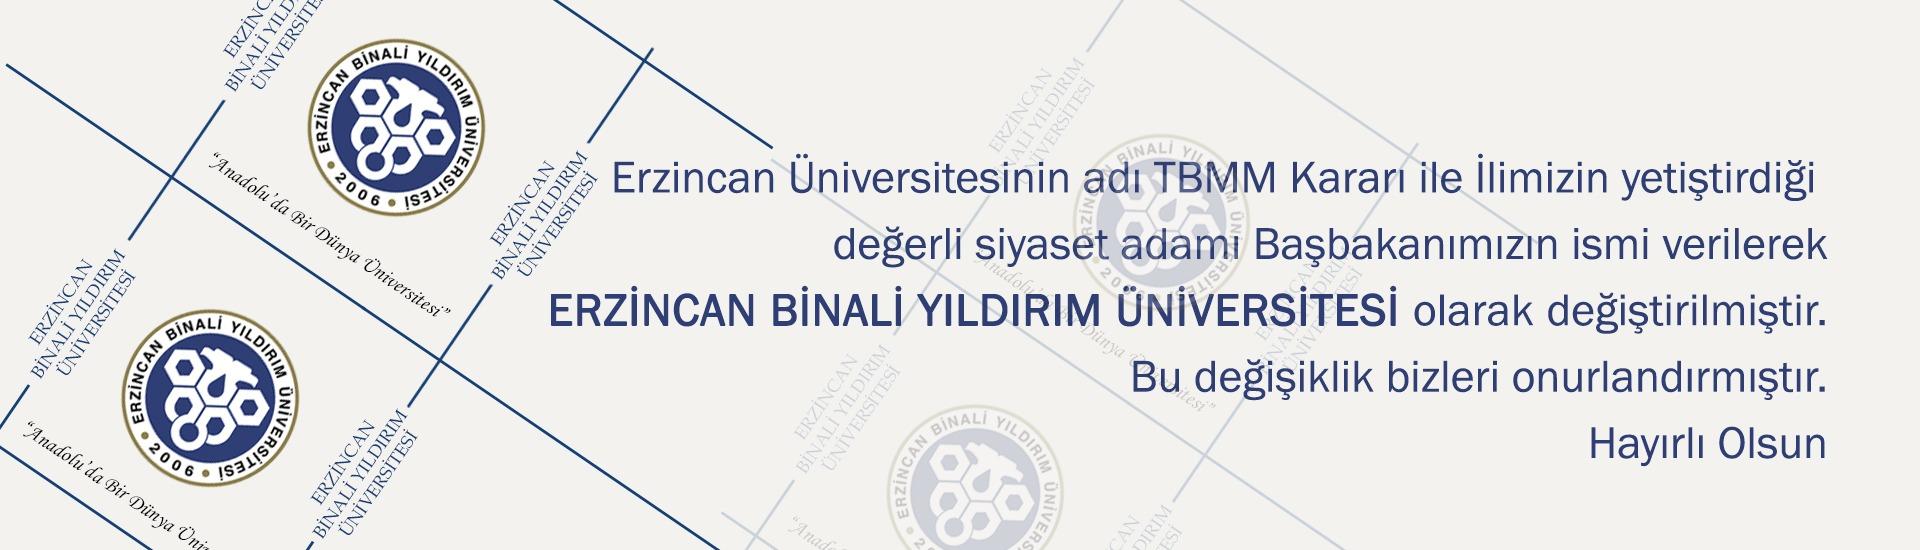 isim 2